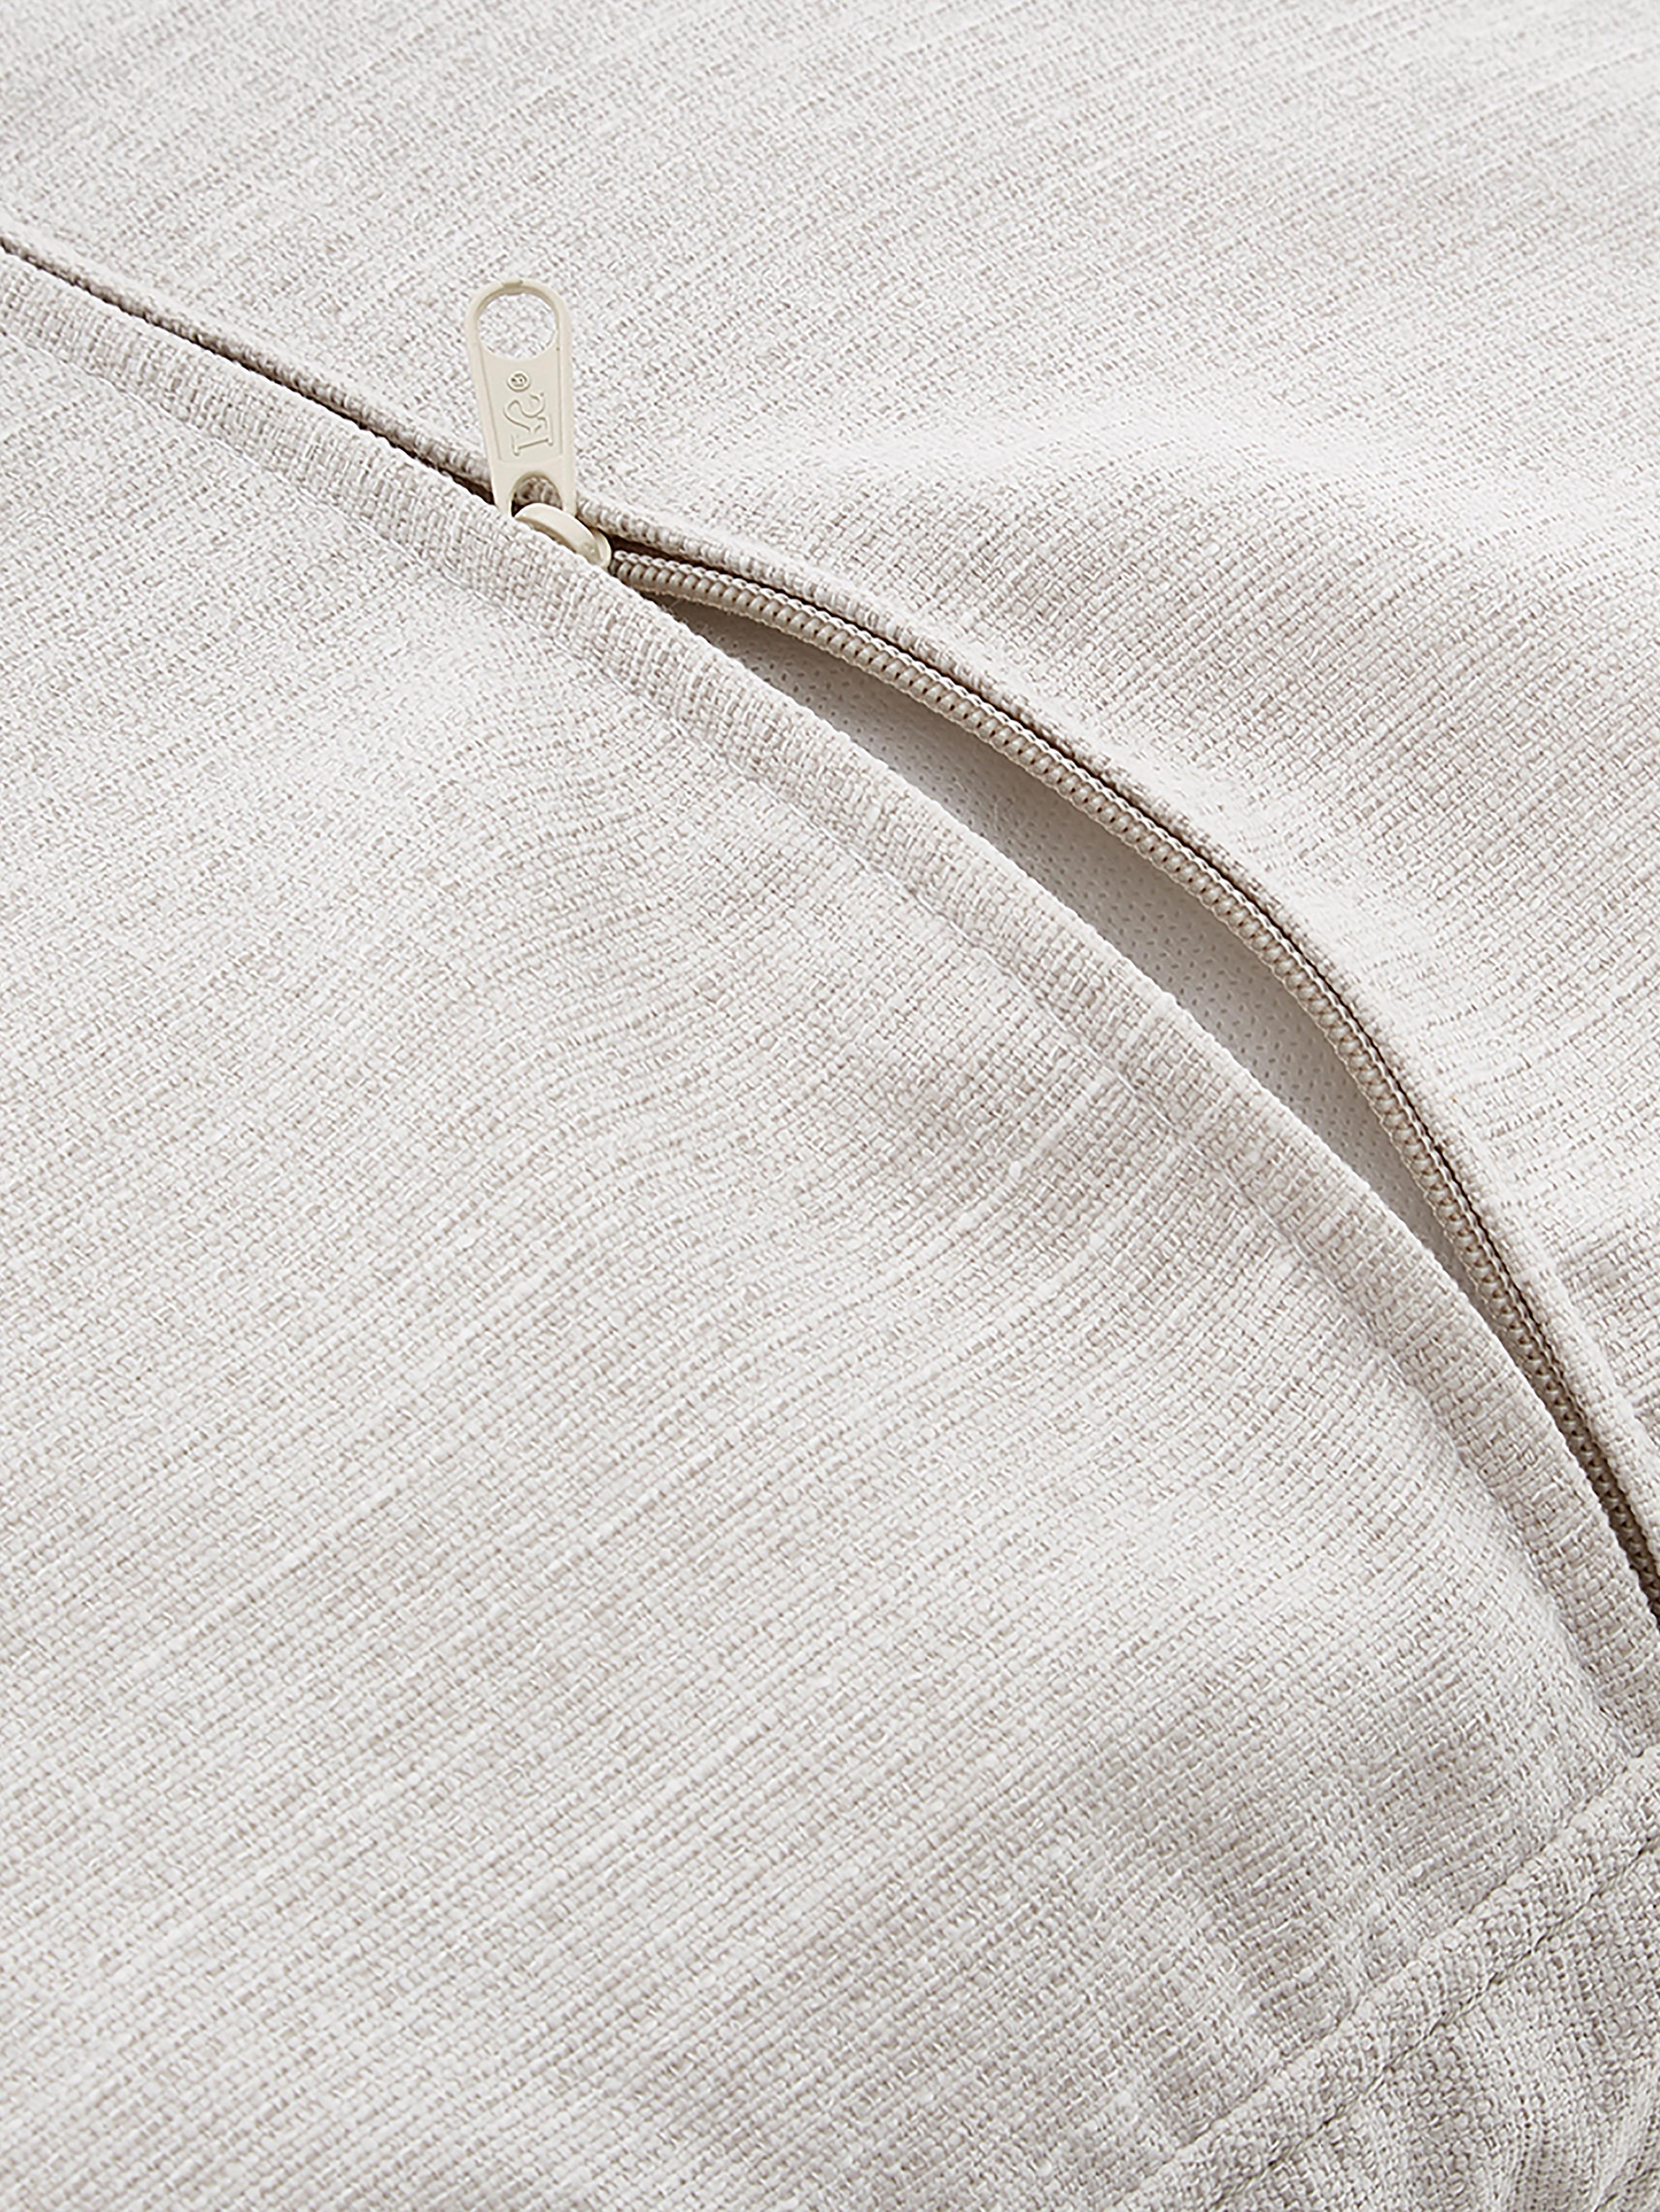 Divano angolare in tessuto beige Carrie, Rivestimento: poliestere 50.000 cicli d, Struttura: trucciolato, faesite, com, Piedini: metallo verniciato, Tessuto beige, Larg. 241 x Prof. 200 cm